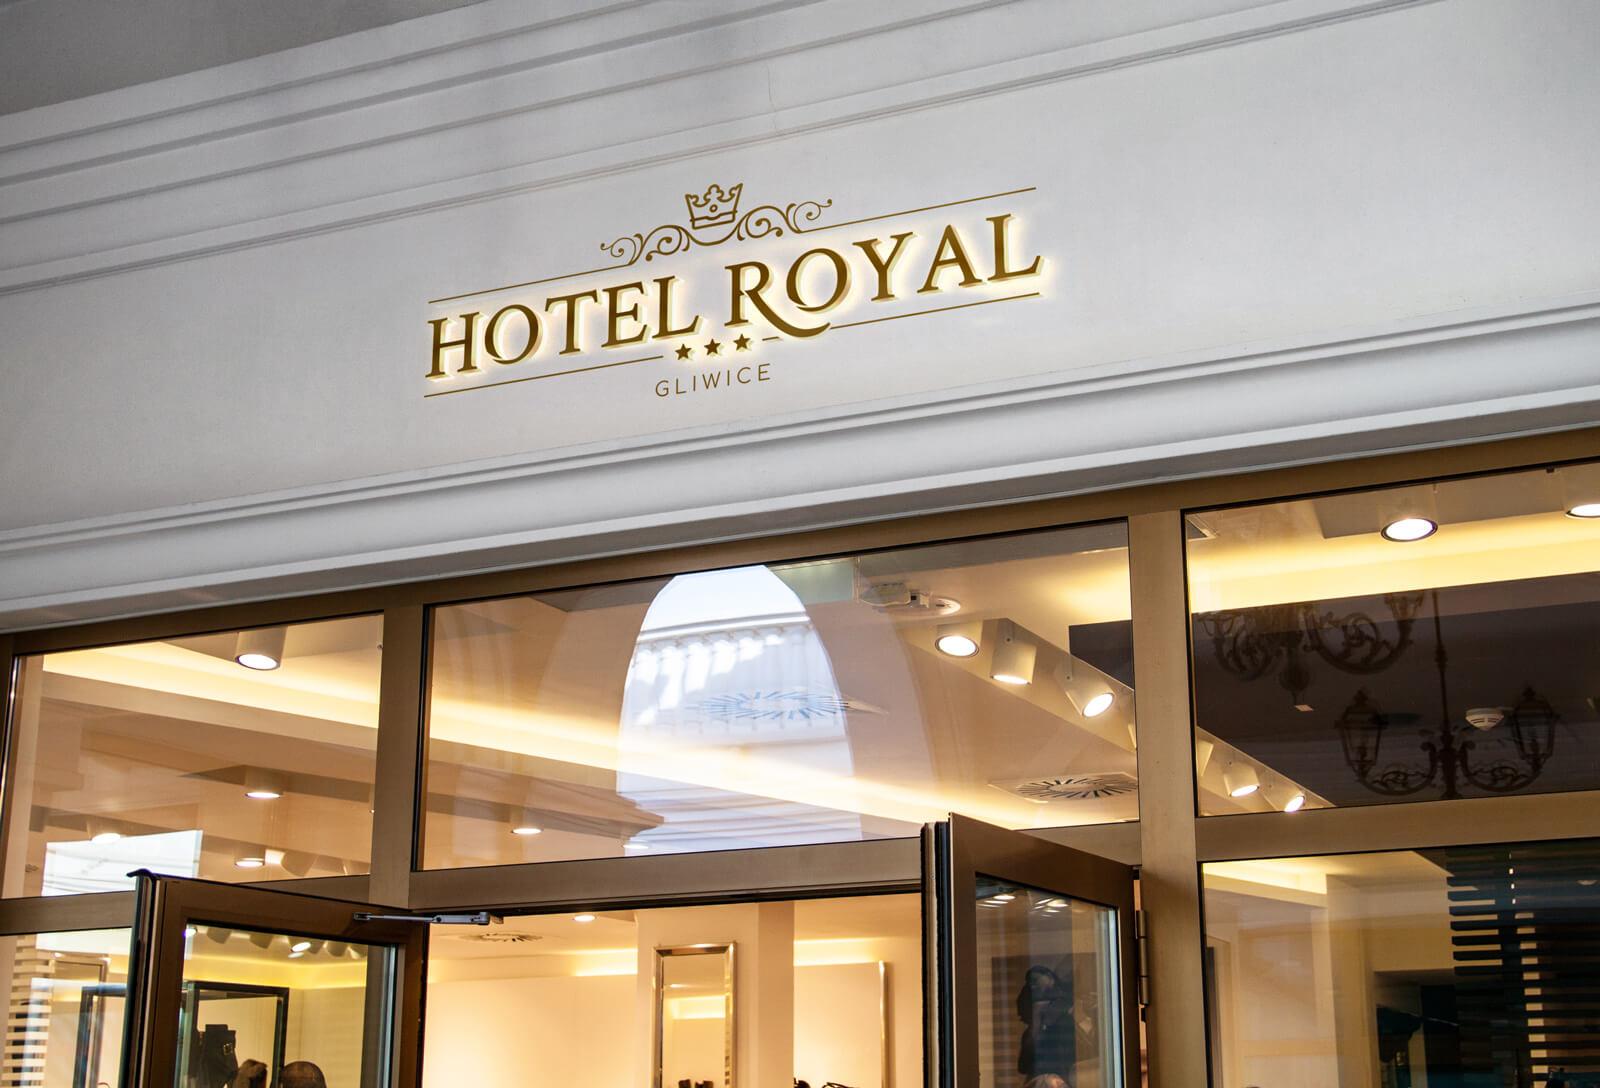 Nowe logo hotelu Royal z Gliwic